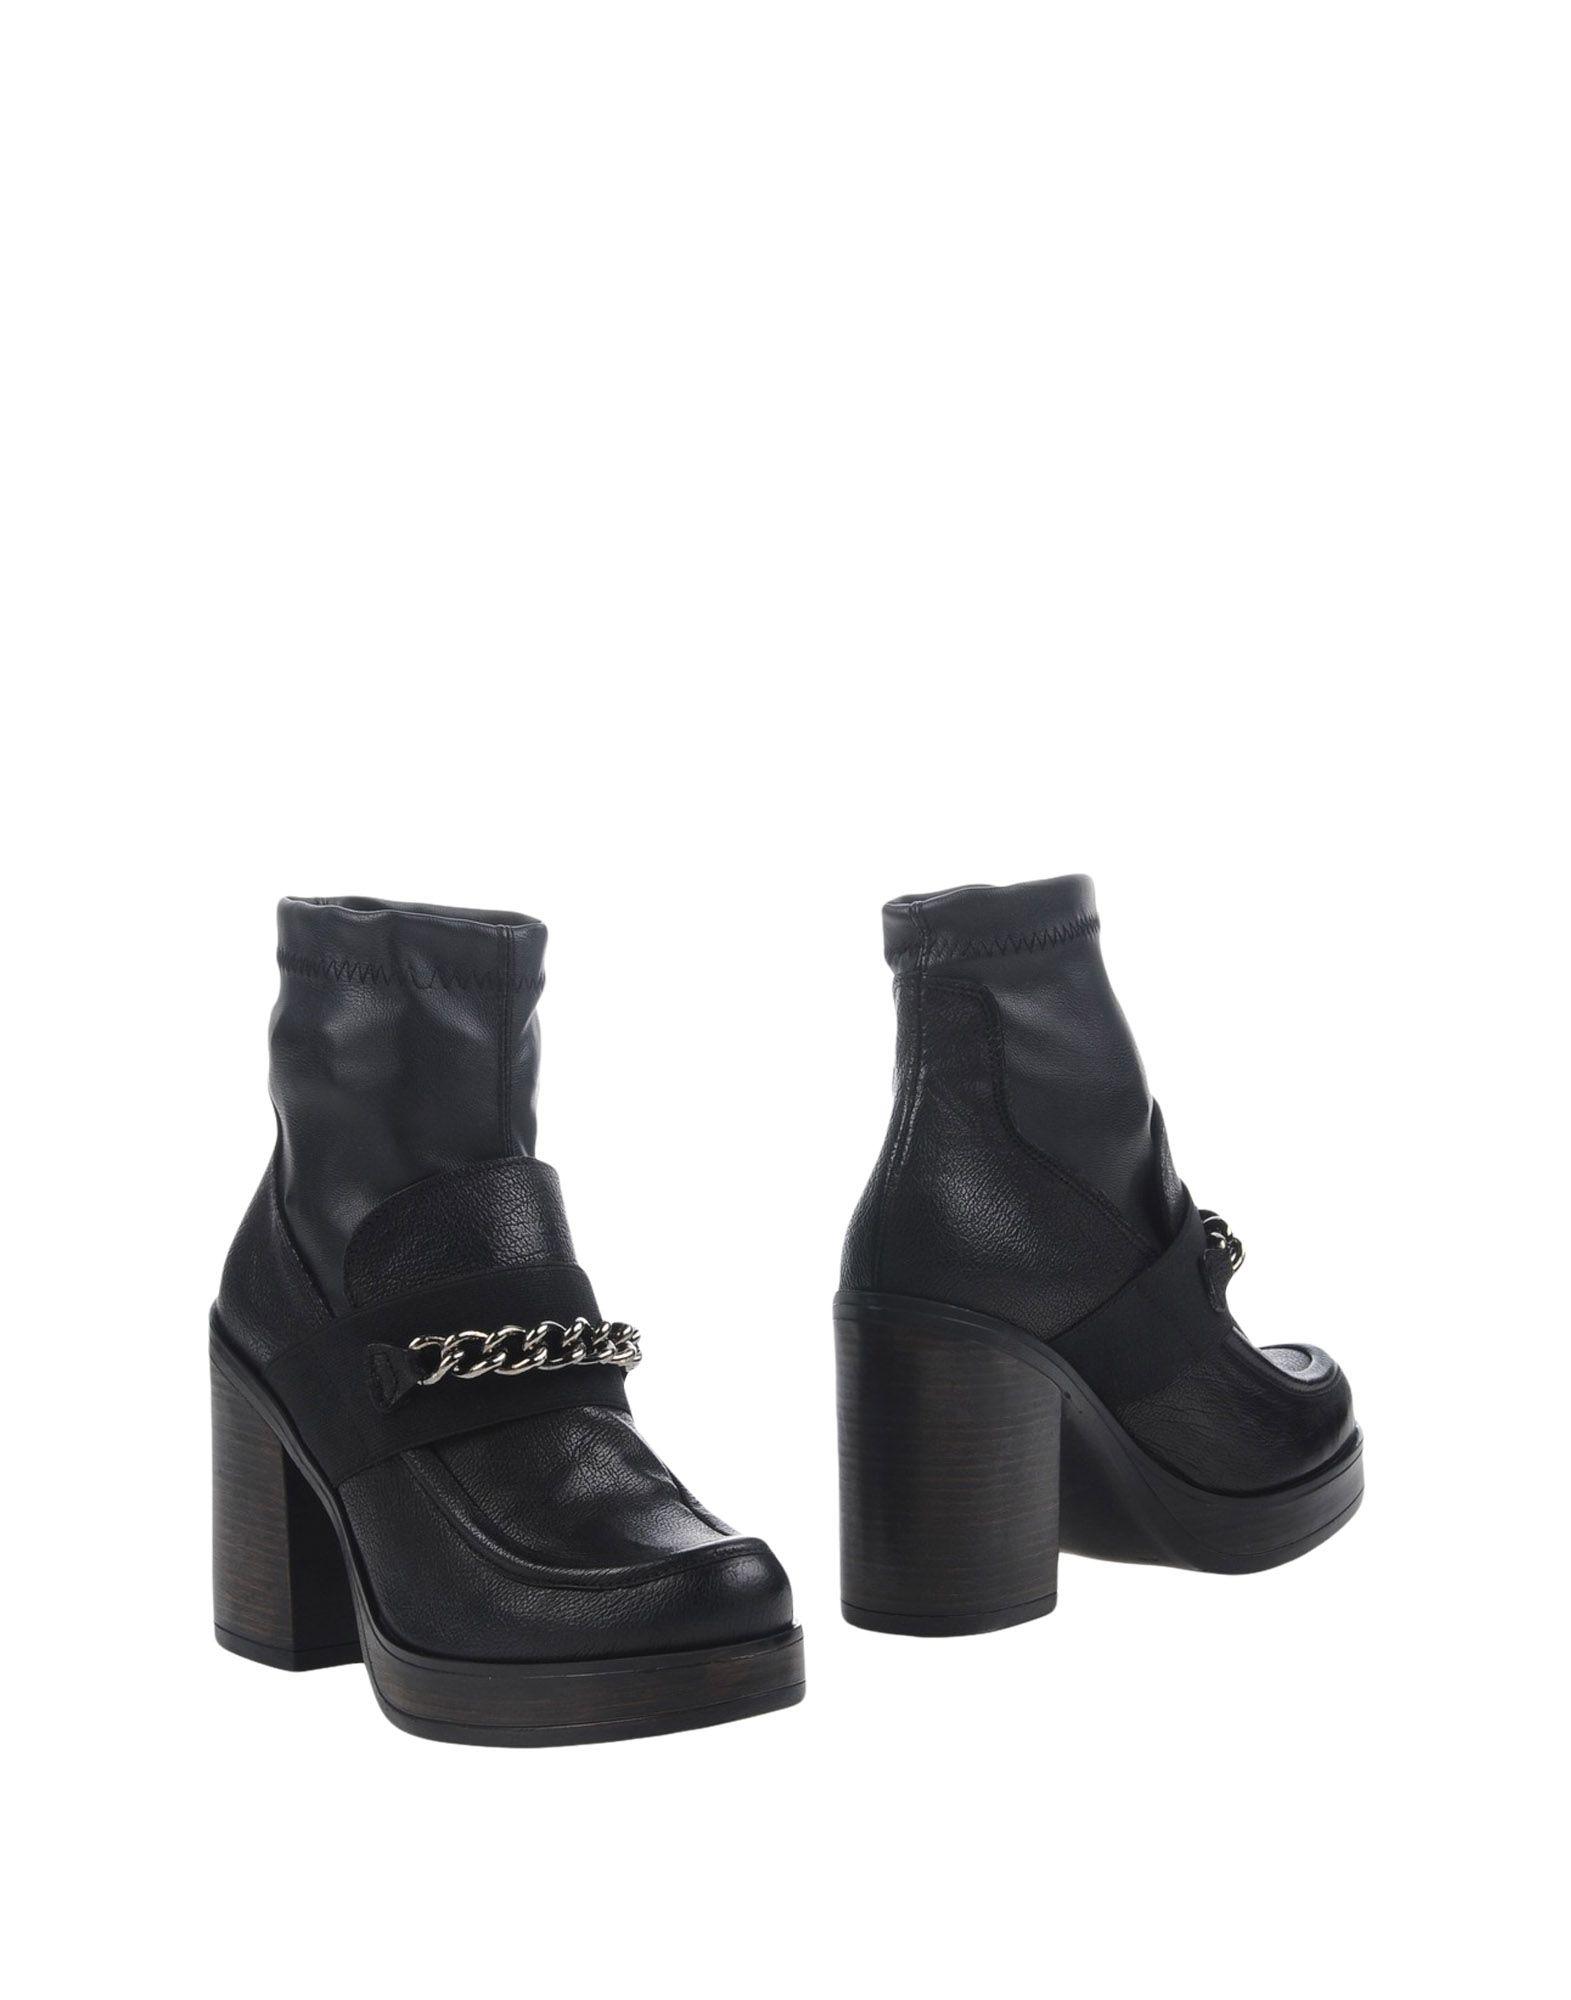 1725.A Stiefelette Damen  11221899PT Gute Qualität beliebte Schuhe